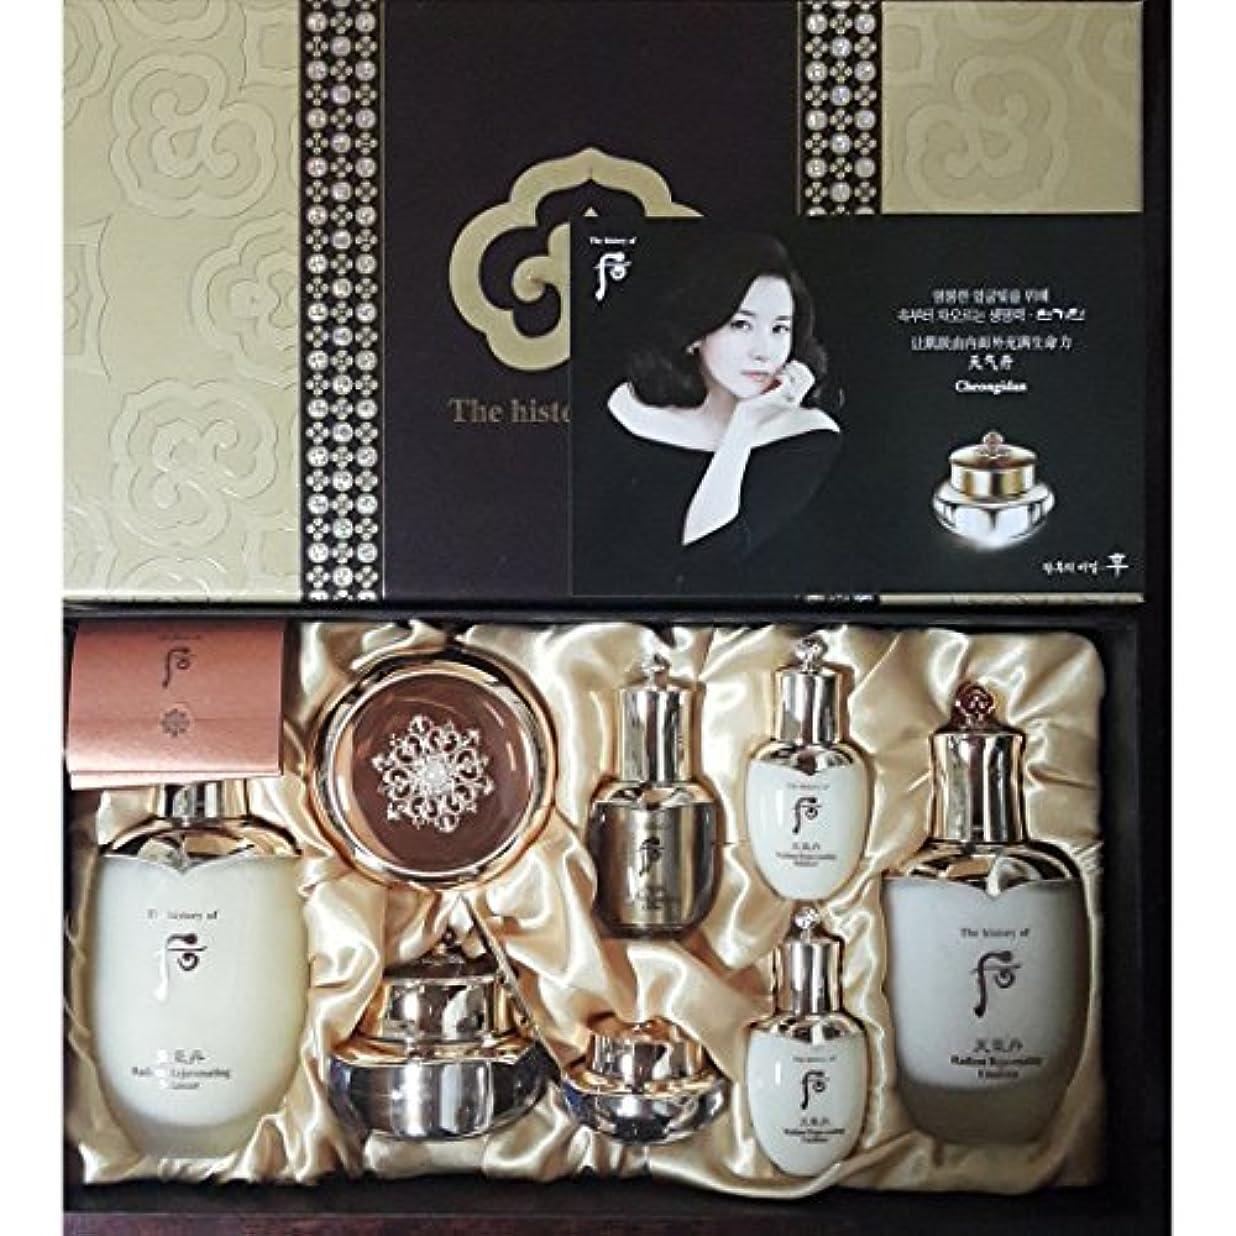 ホールド恐ろしいです富豪[The History Of Whoo] Whoo后(フー)Cheongidan Special4EA SetゴンジンヒャンSpecial Set/チョンギダン化現象4種スペシャルセット+ Sample Gift【海外直送品]